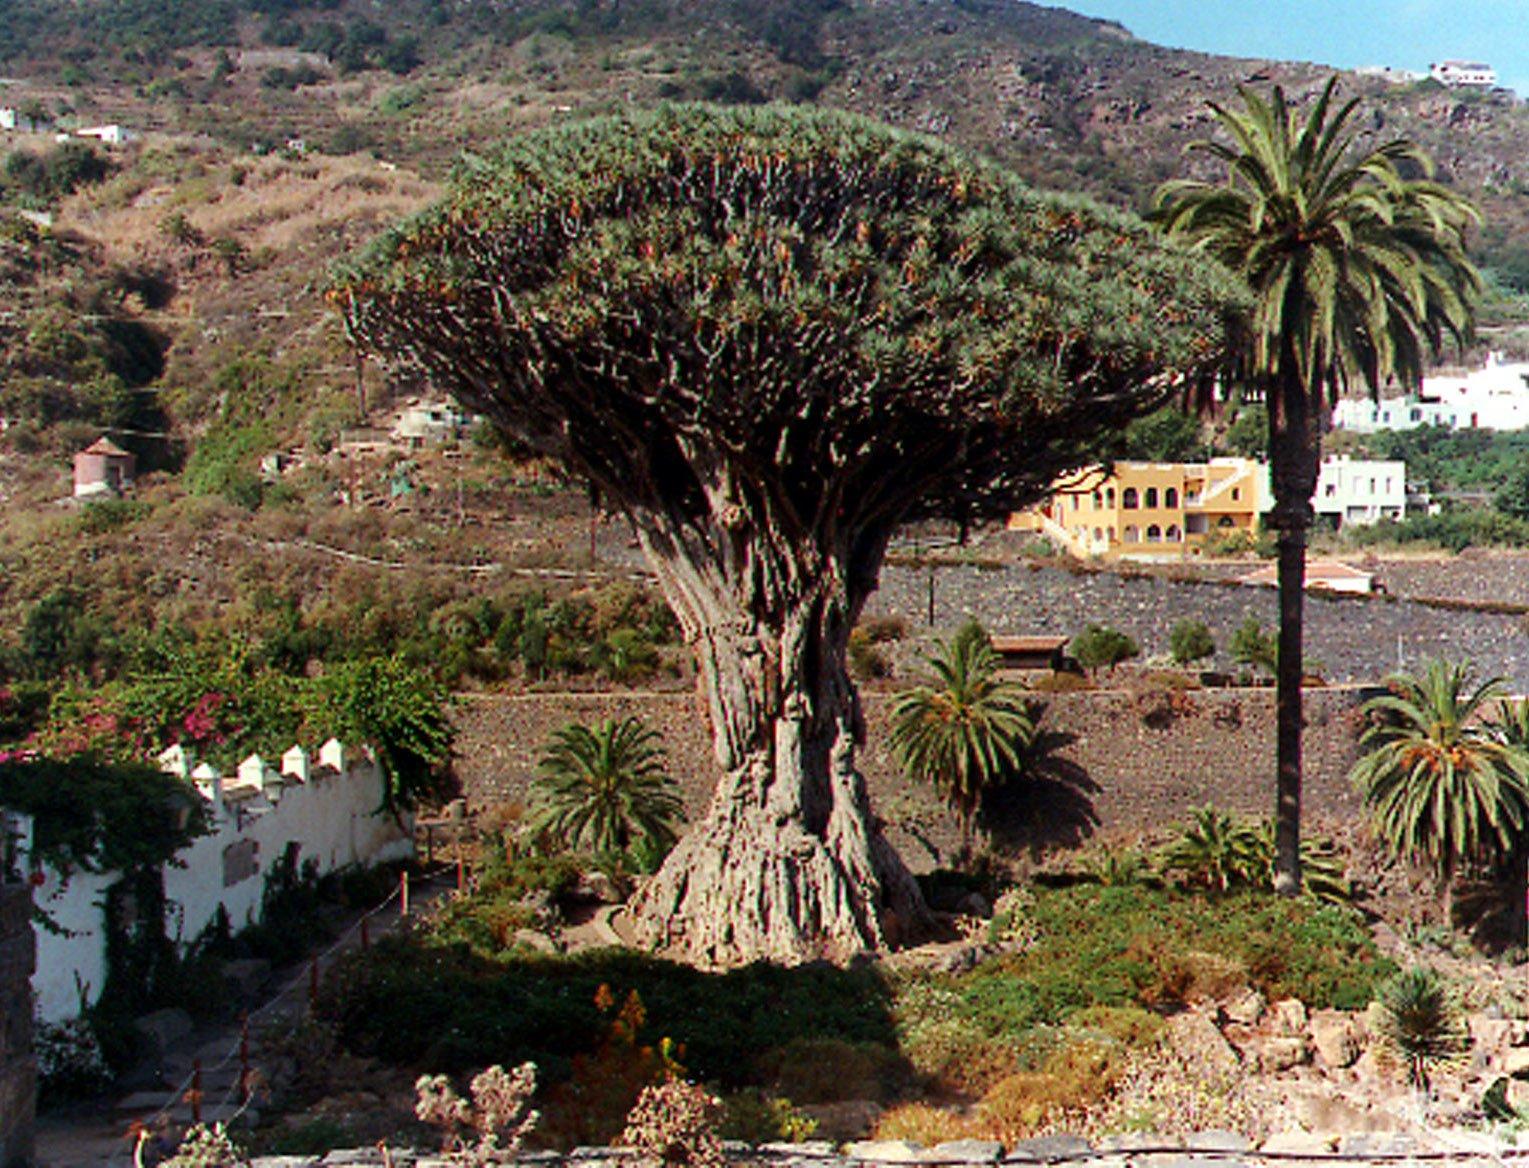 Drago Milenario de Tenerife